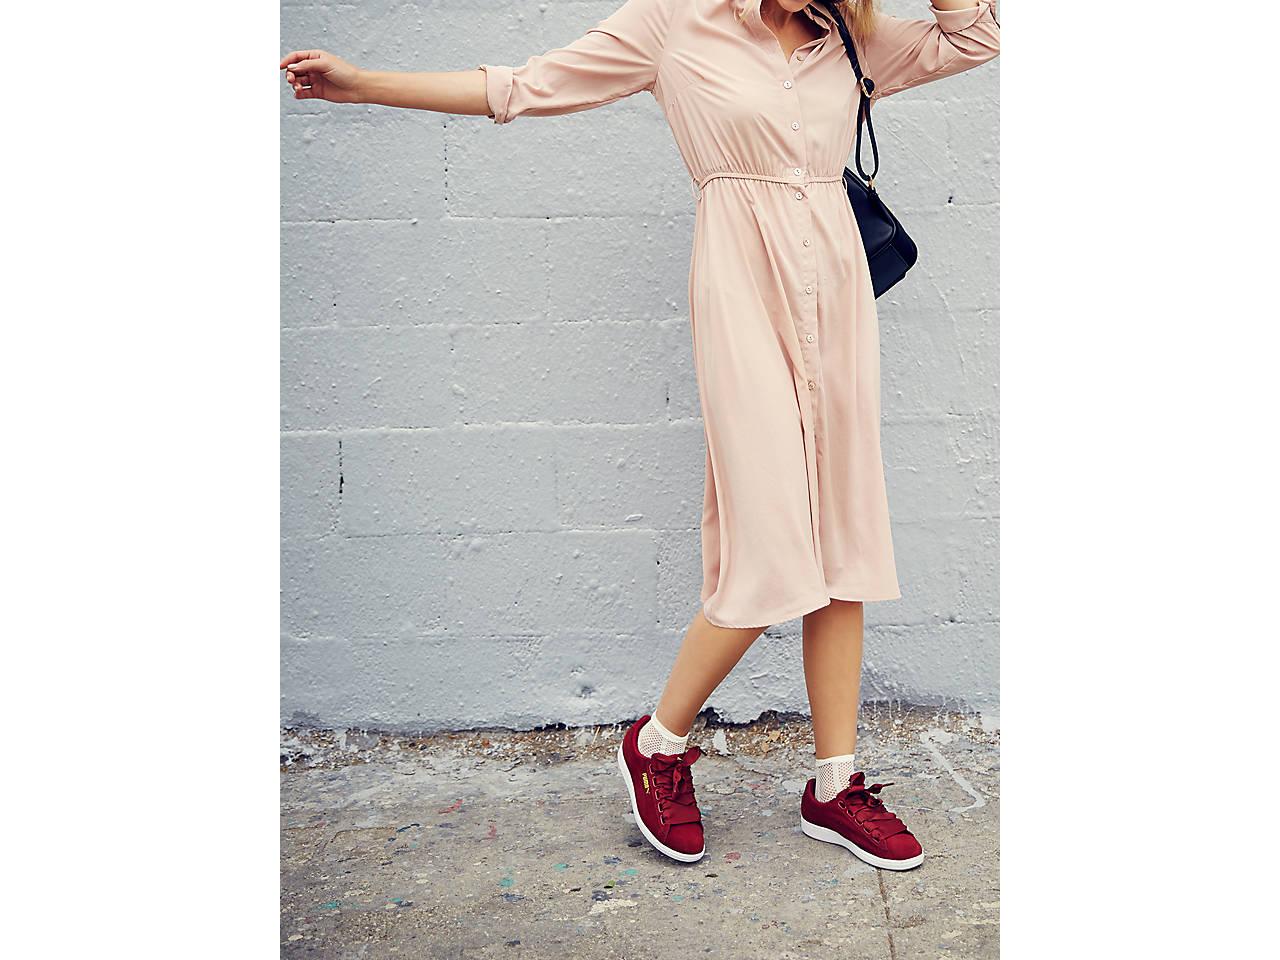 puma vikky ribbon women's sneakers